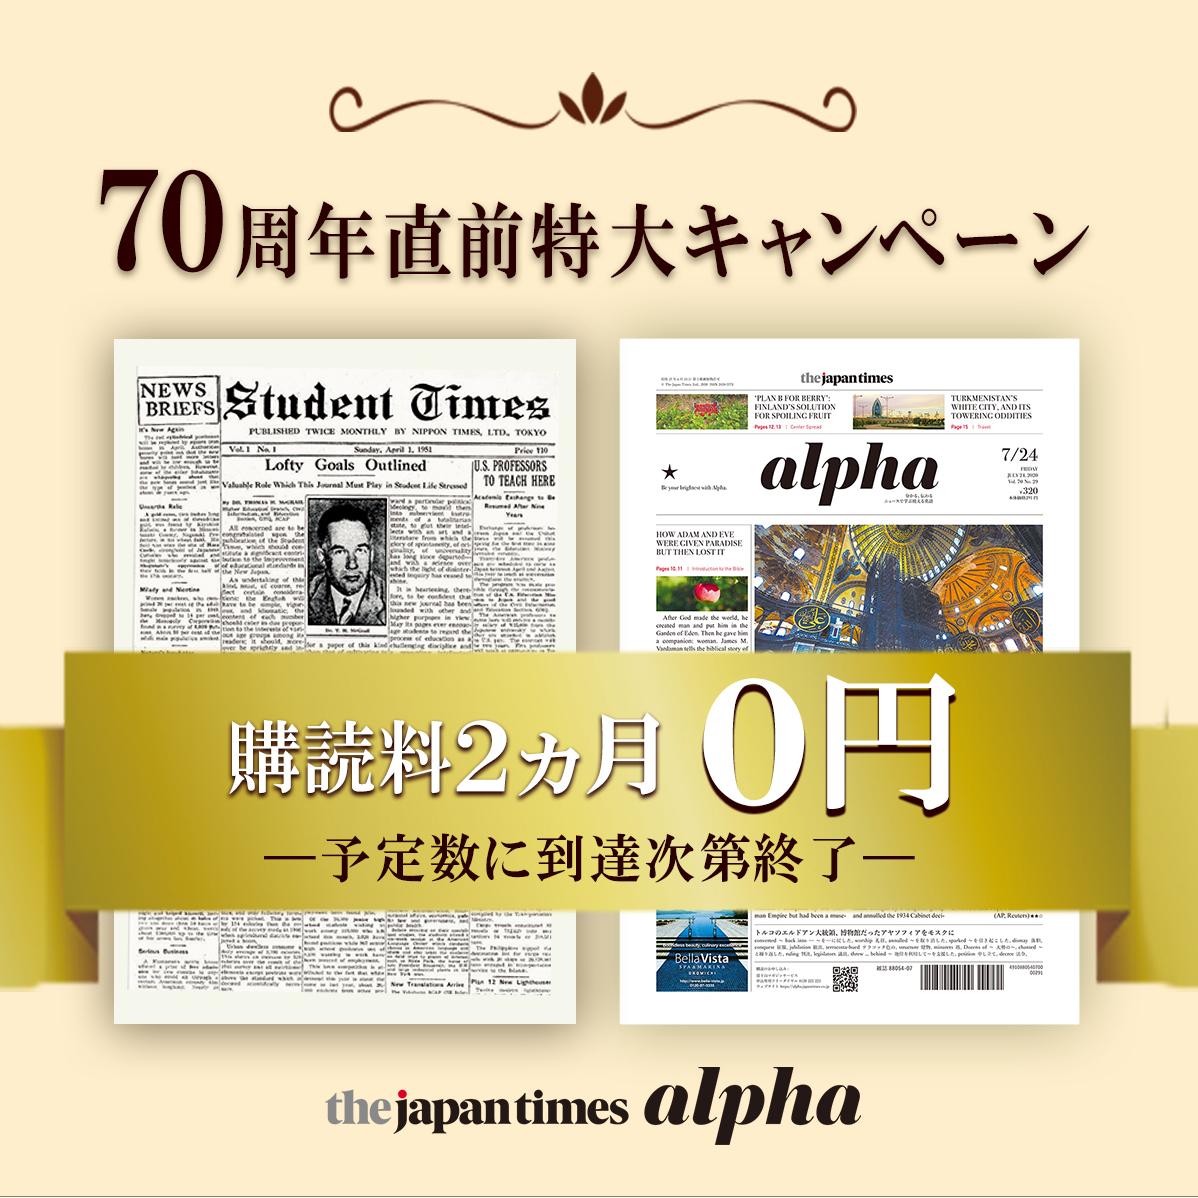 70周年直前!スペシャルキャンペーン